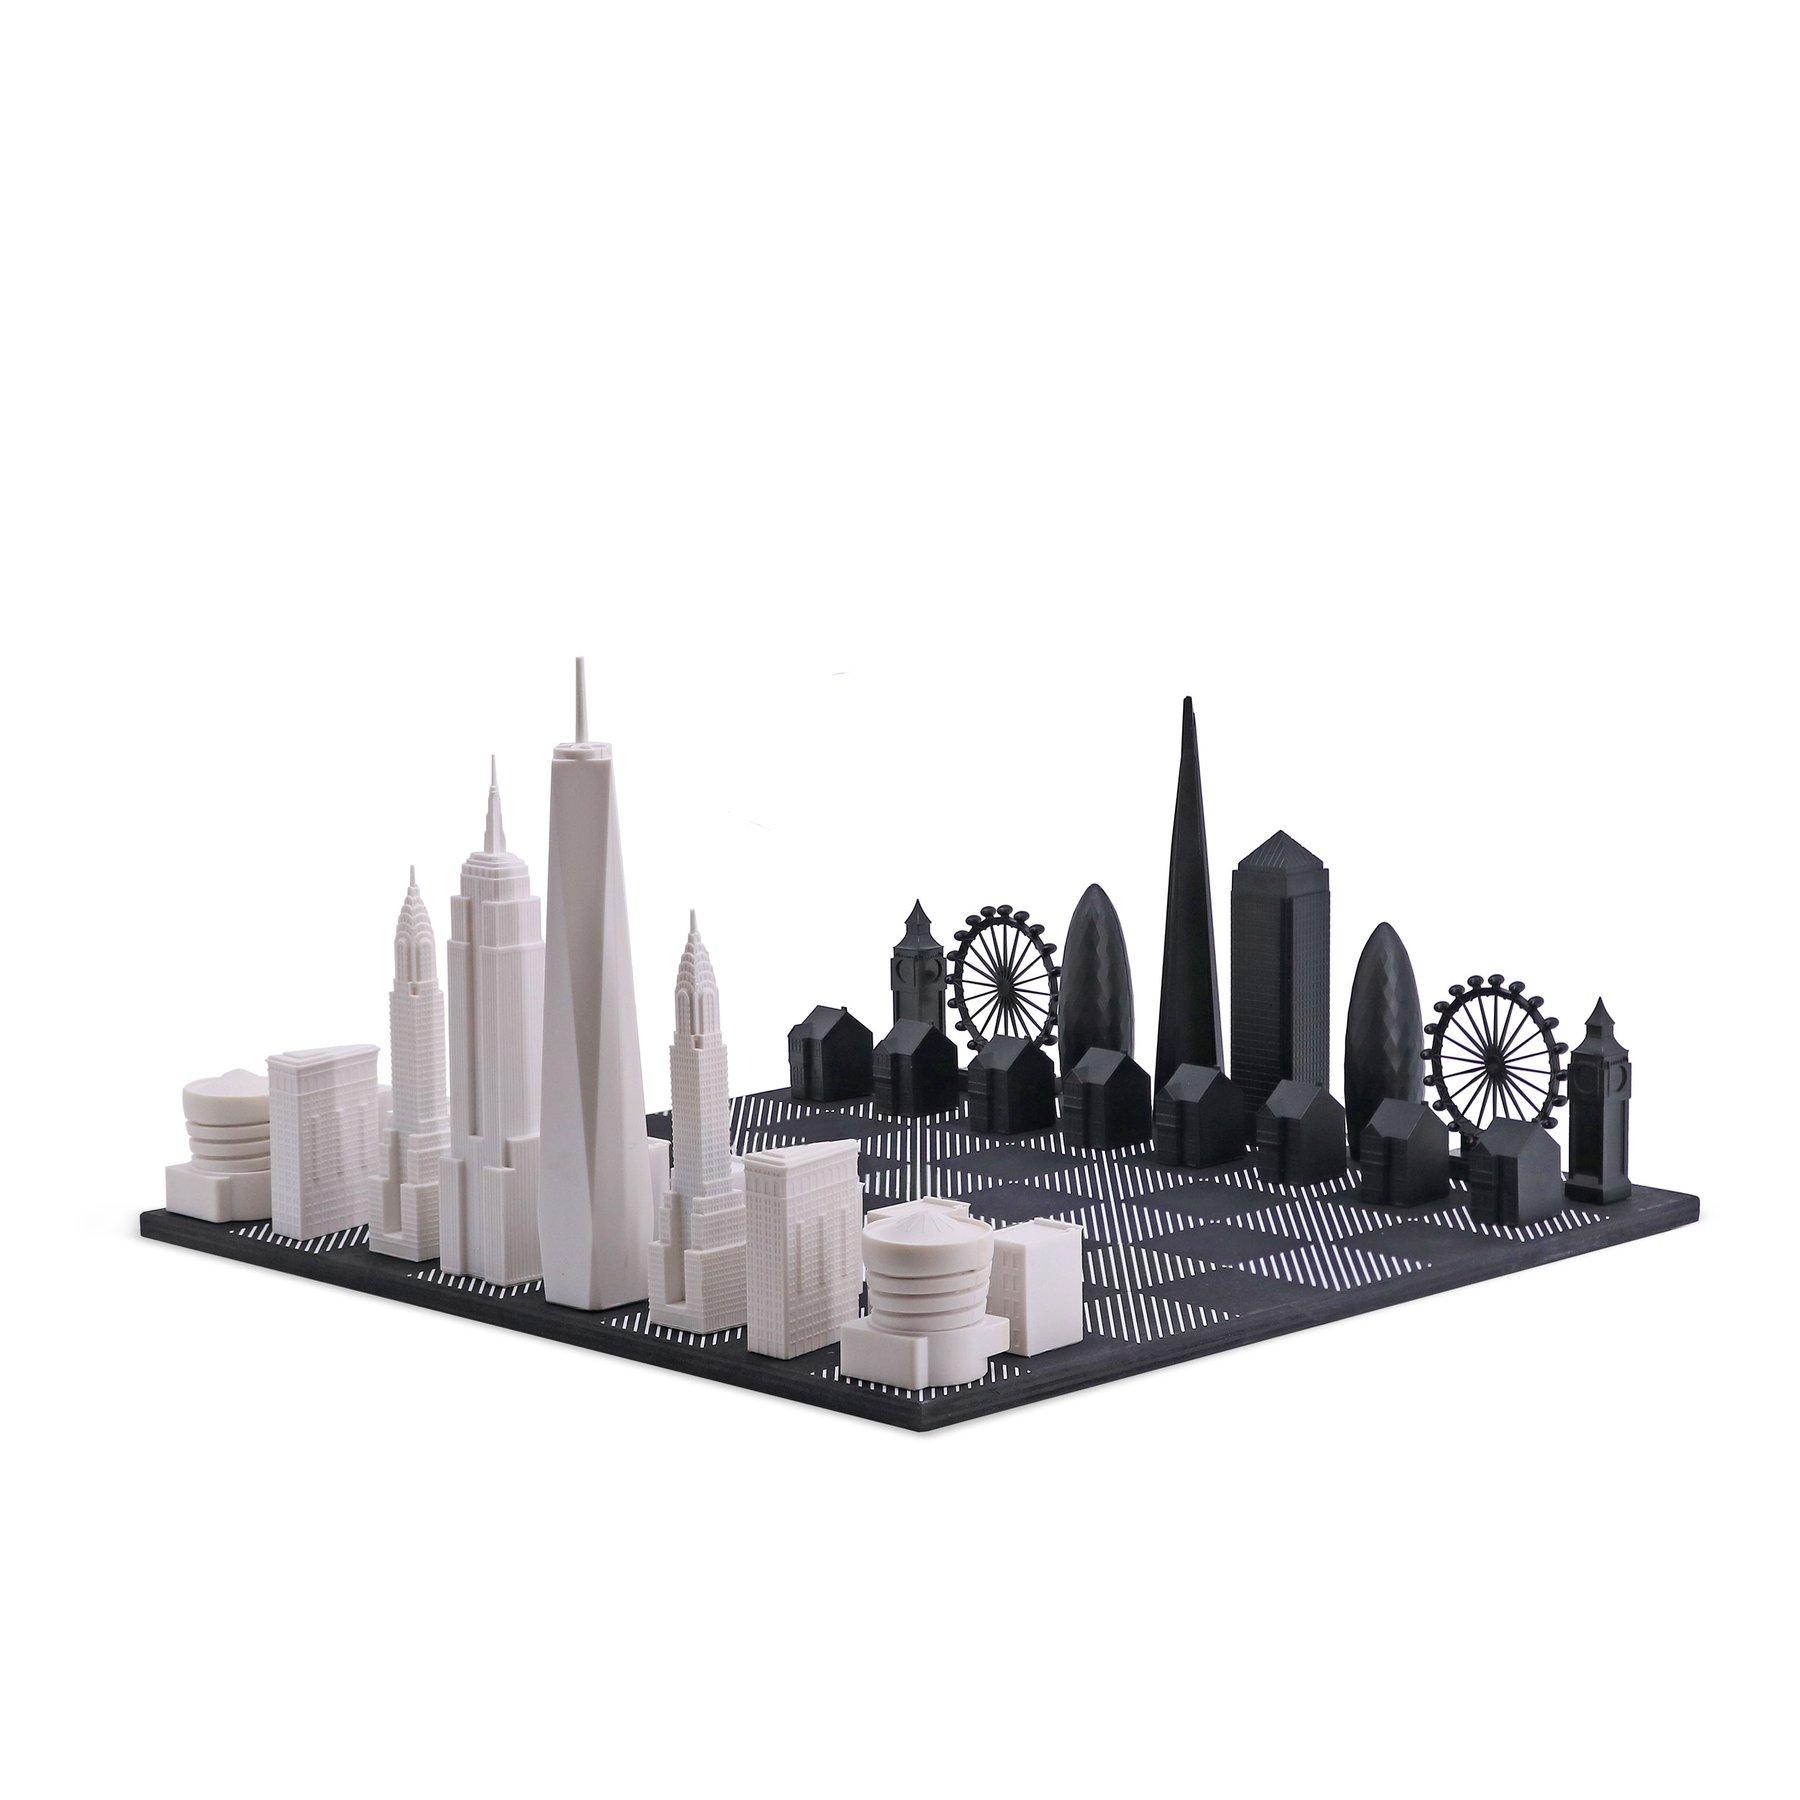 画像1: 【Skyline Chess 】ロンドンVSニューヨークエディション チェスセット チェス 木製ボード ウッド スカイラインチェス NEW YORK CITY VS. LONDON SPECIAL EDITION トイ オブジェ インテリア お洒落 おしゃれ かっこいい モダン ギフト ボードゲーム   (1)